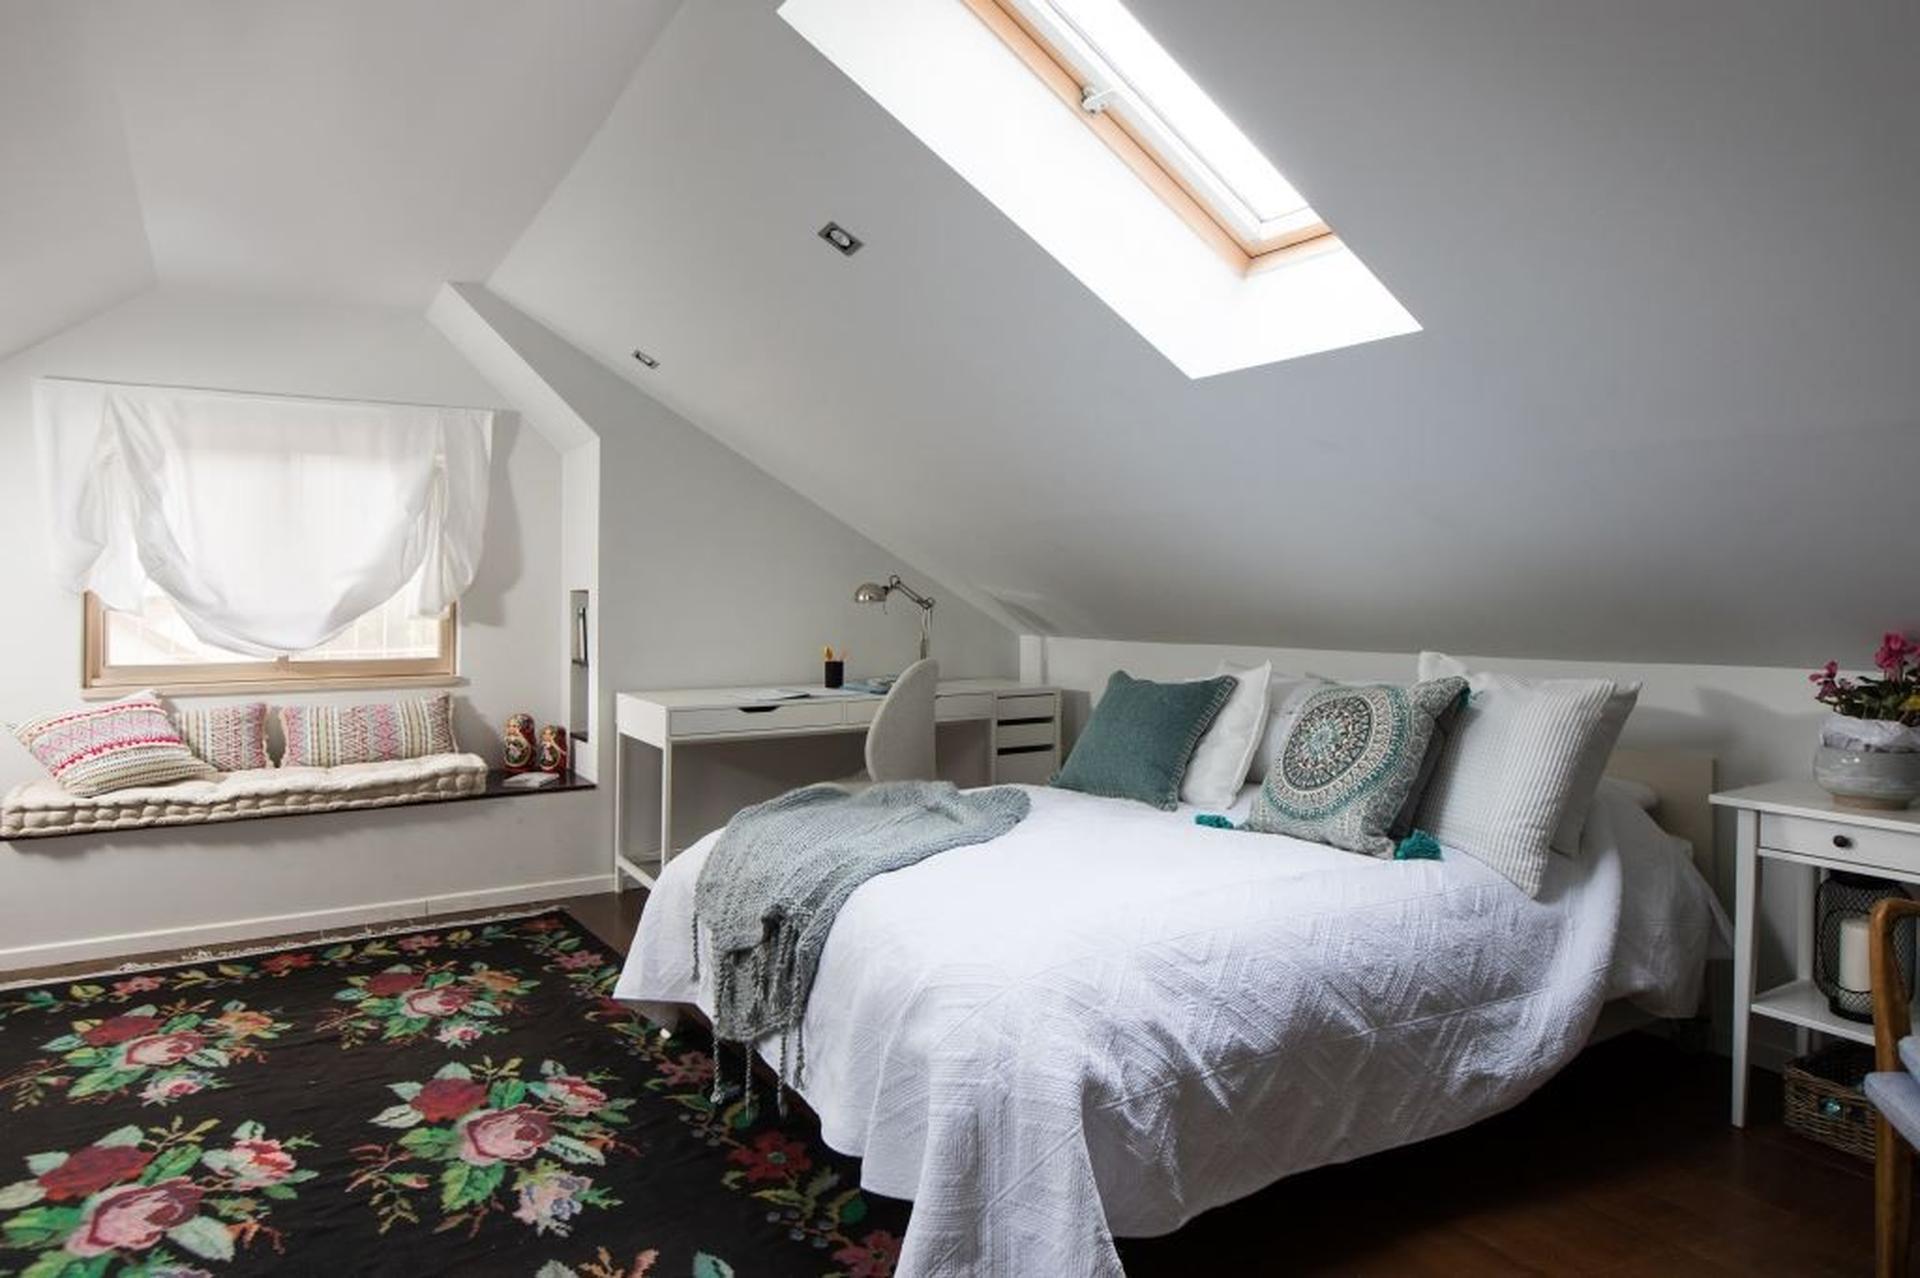 עליית הגג שהפכה לחדר שינה קסום. צילום: שירן כרמל